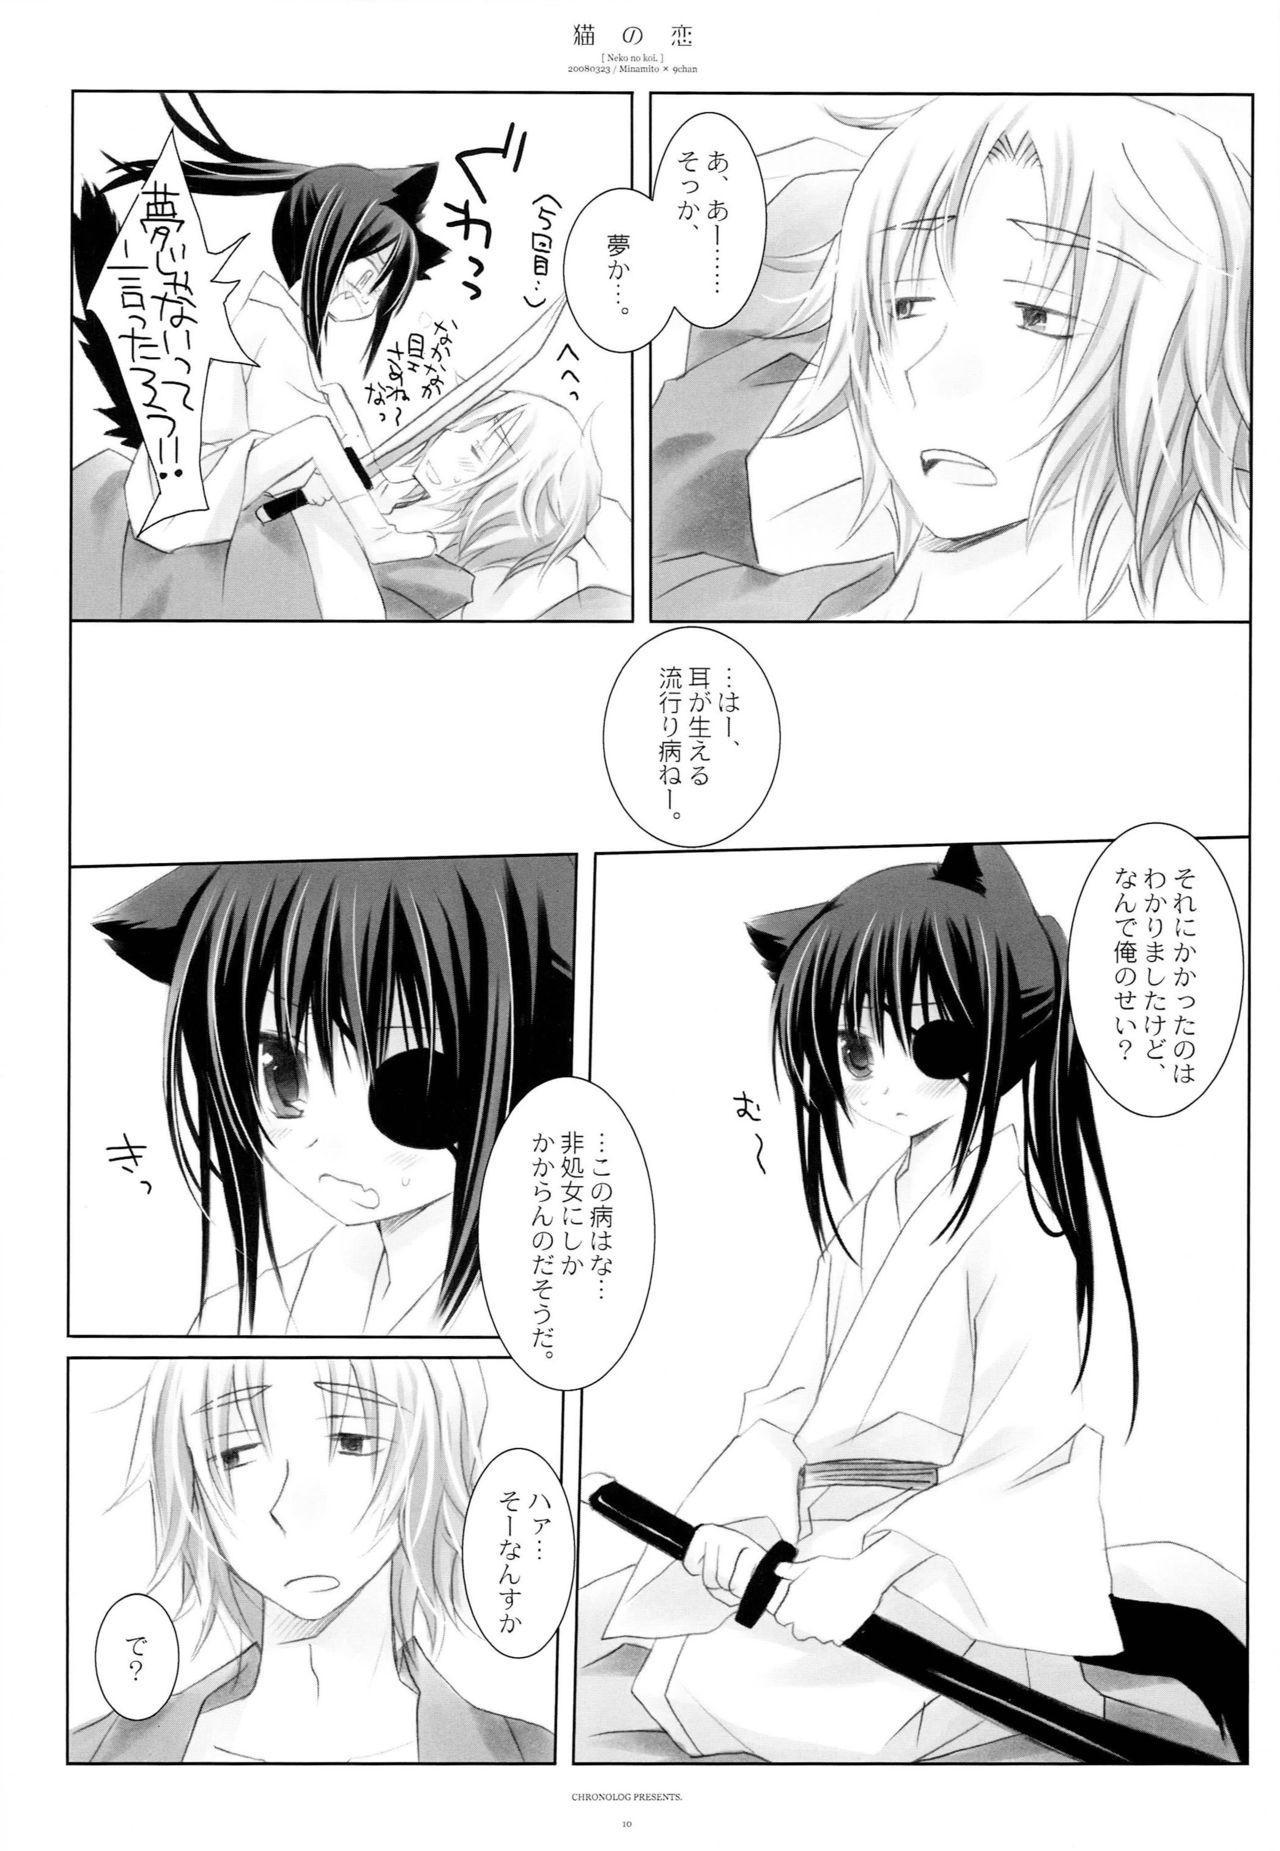 Neko no Koi 8